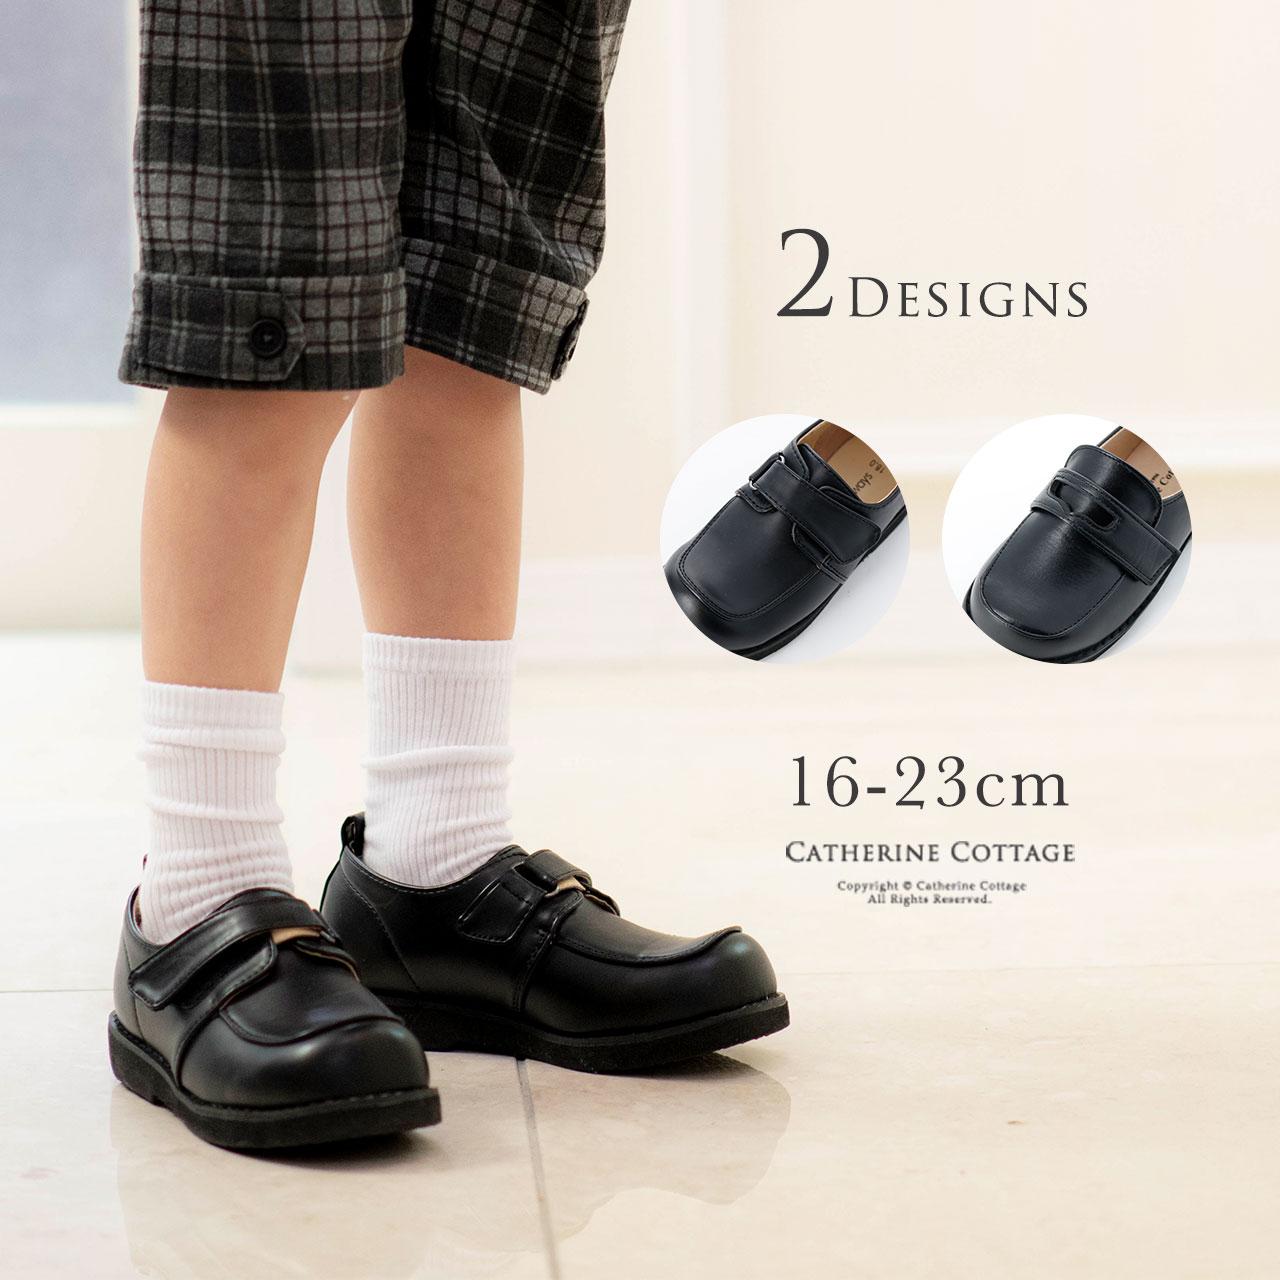 発表会 卒業式 男児フォーマルシューズスリッポンTAK 入学式に子供スーツと合わせて 毎日激安特売で 営業中です お買得